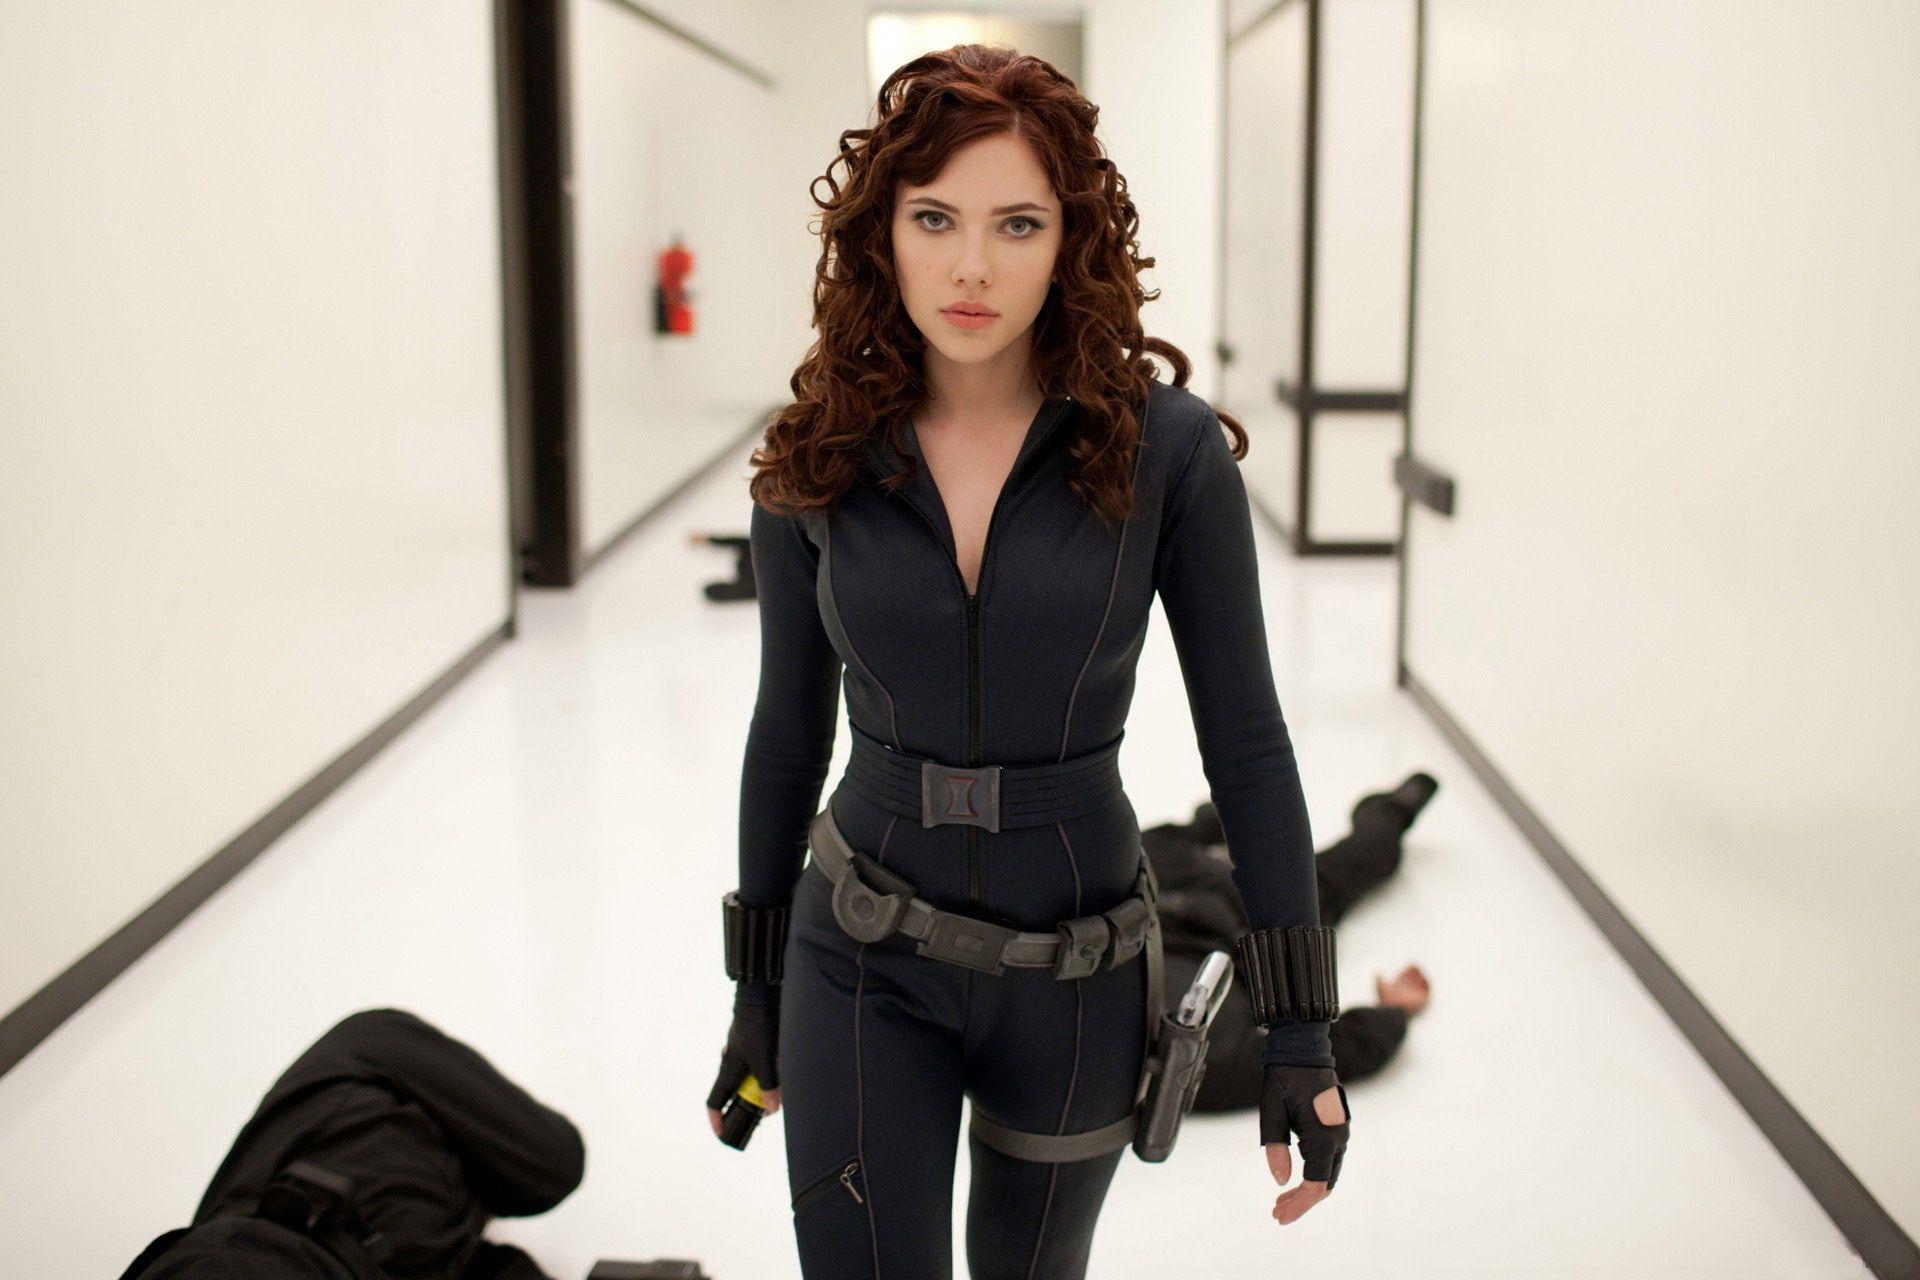 Resultado de imagen para Scarlett Johansson black widow